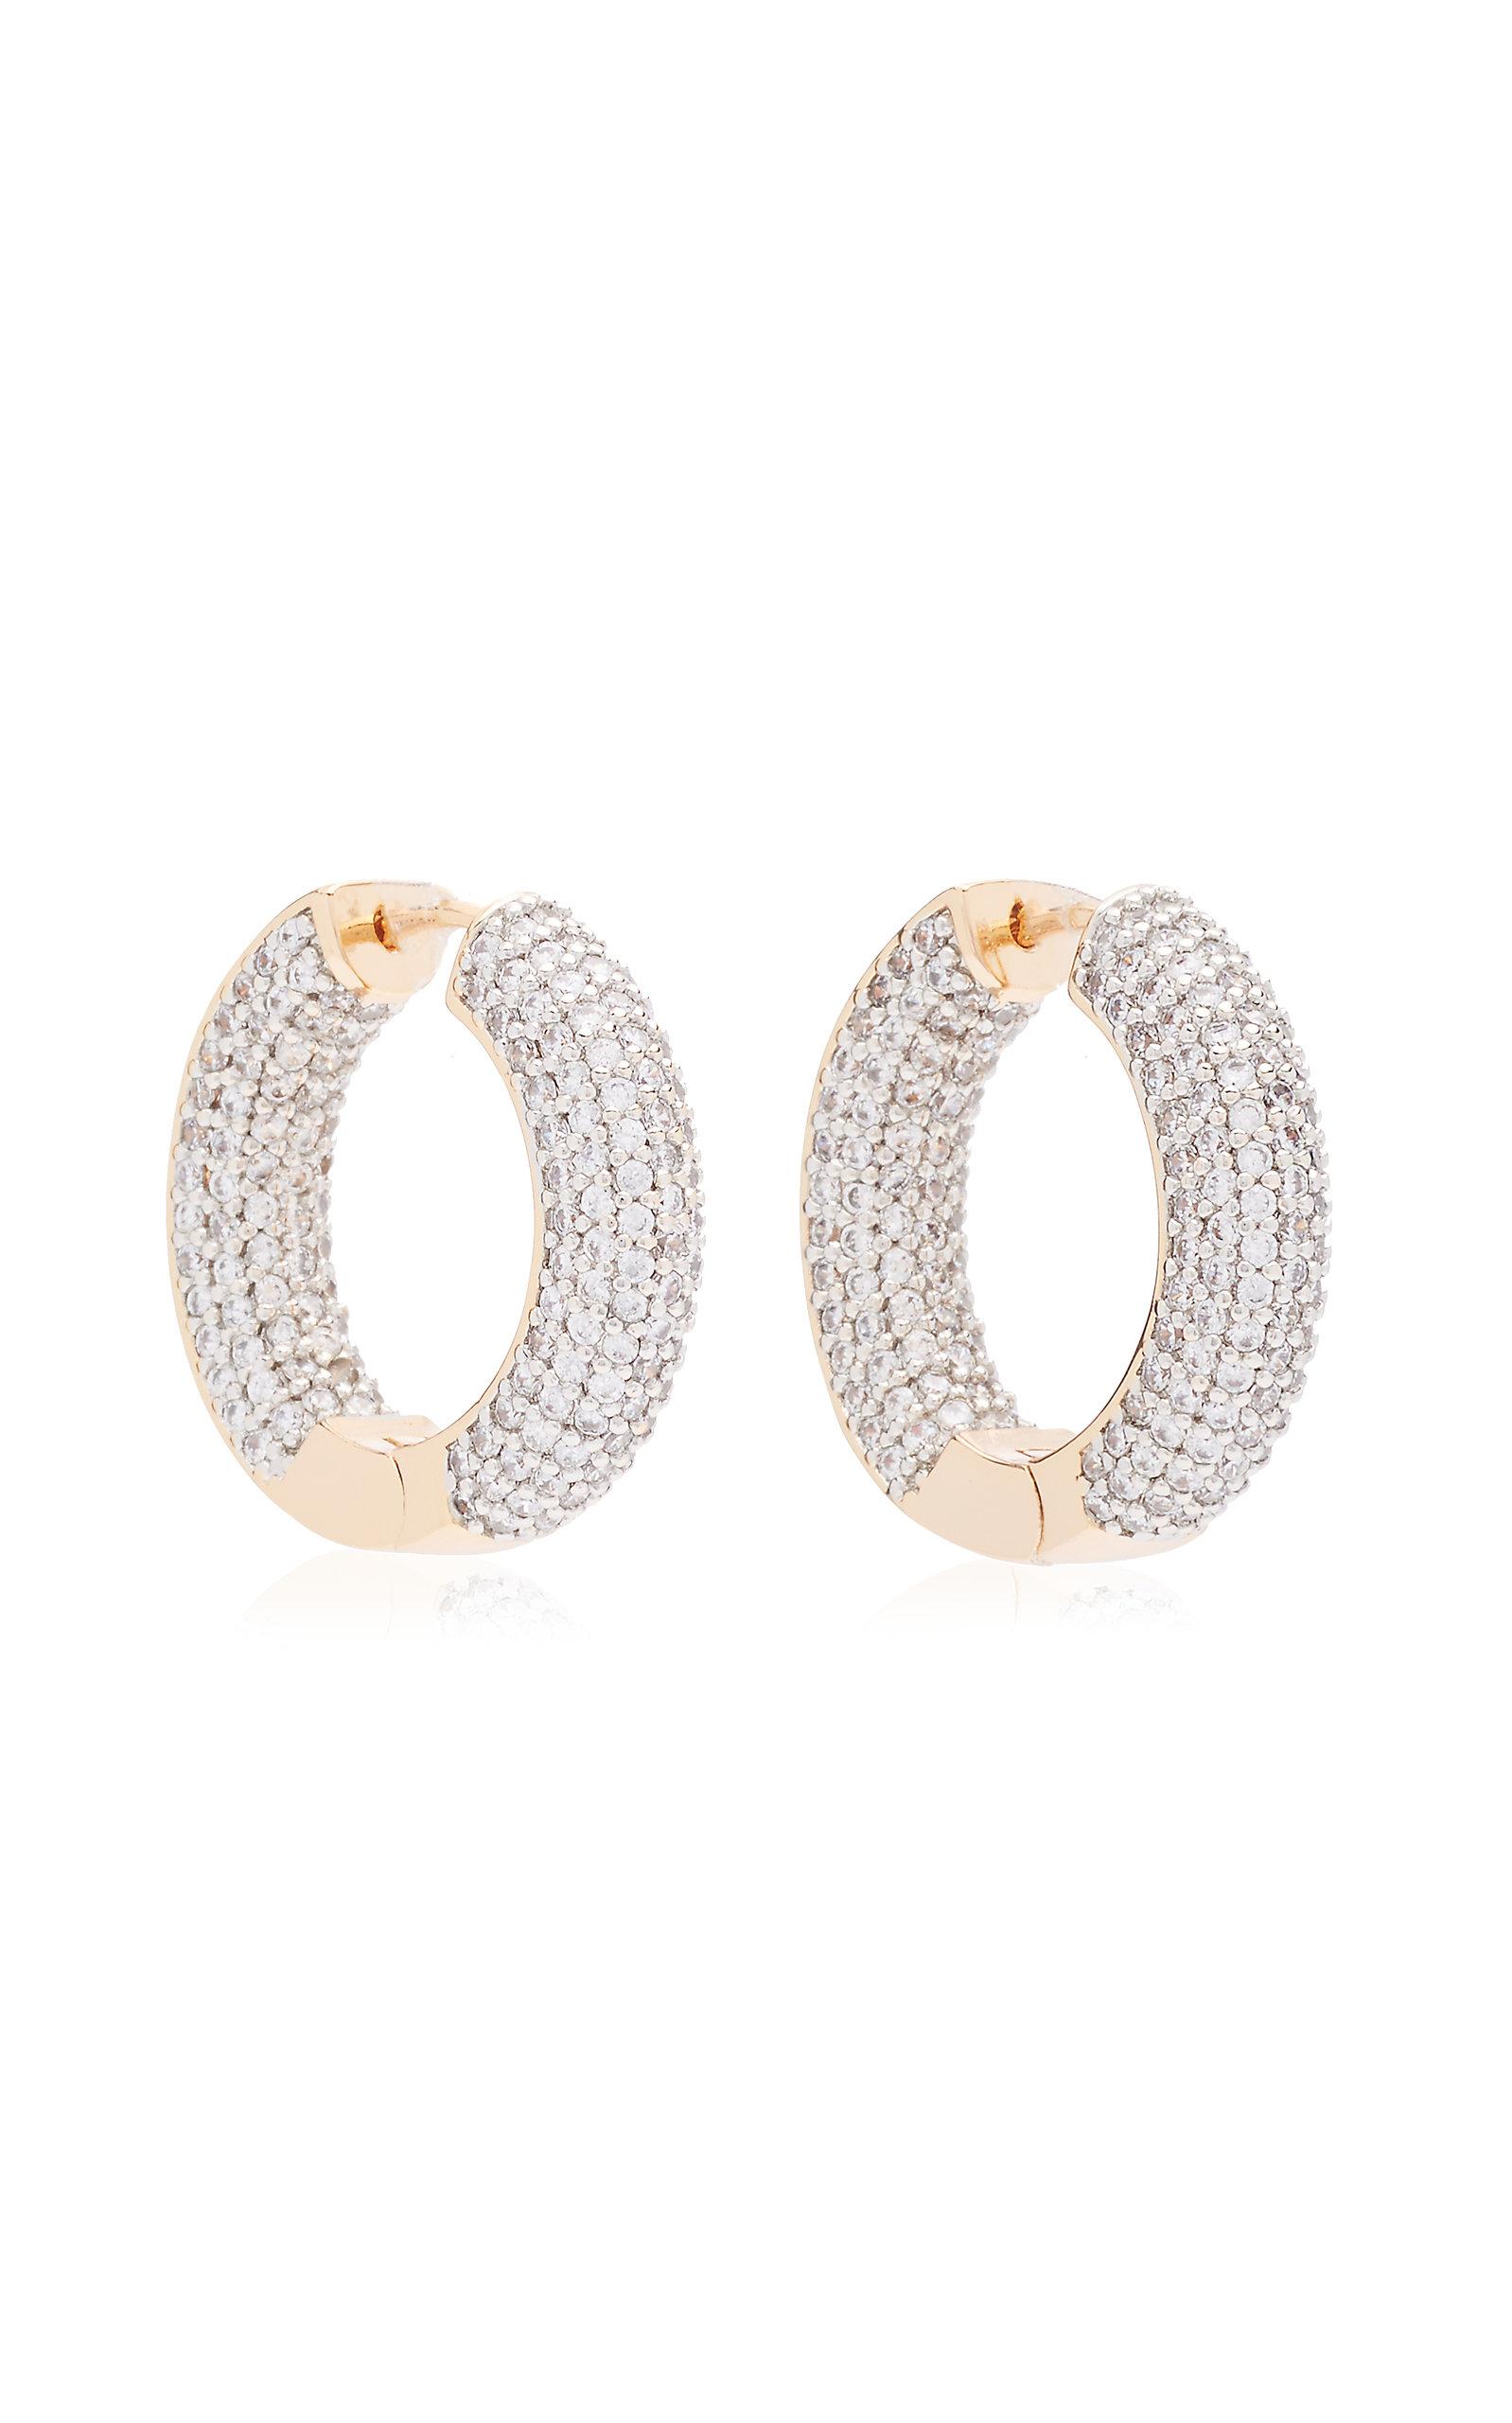 Women's Crystal 18K Gold-Plated Hoop Earrings